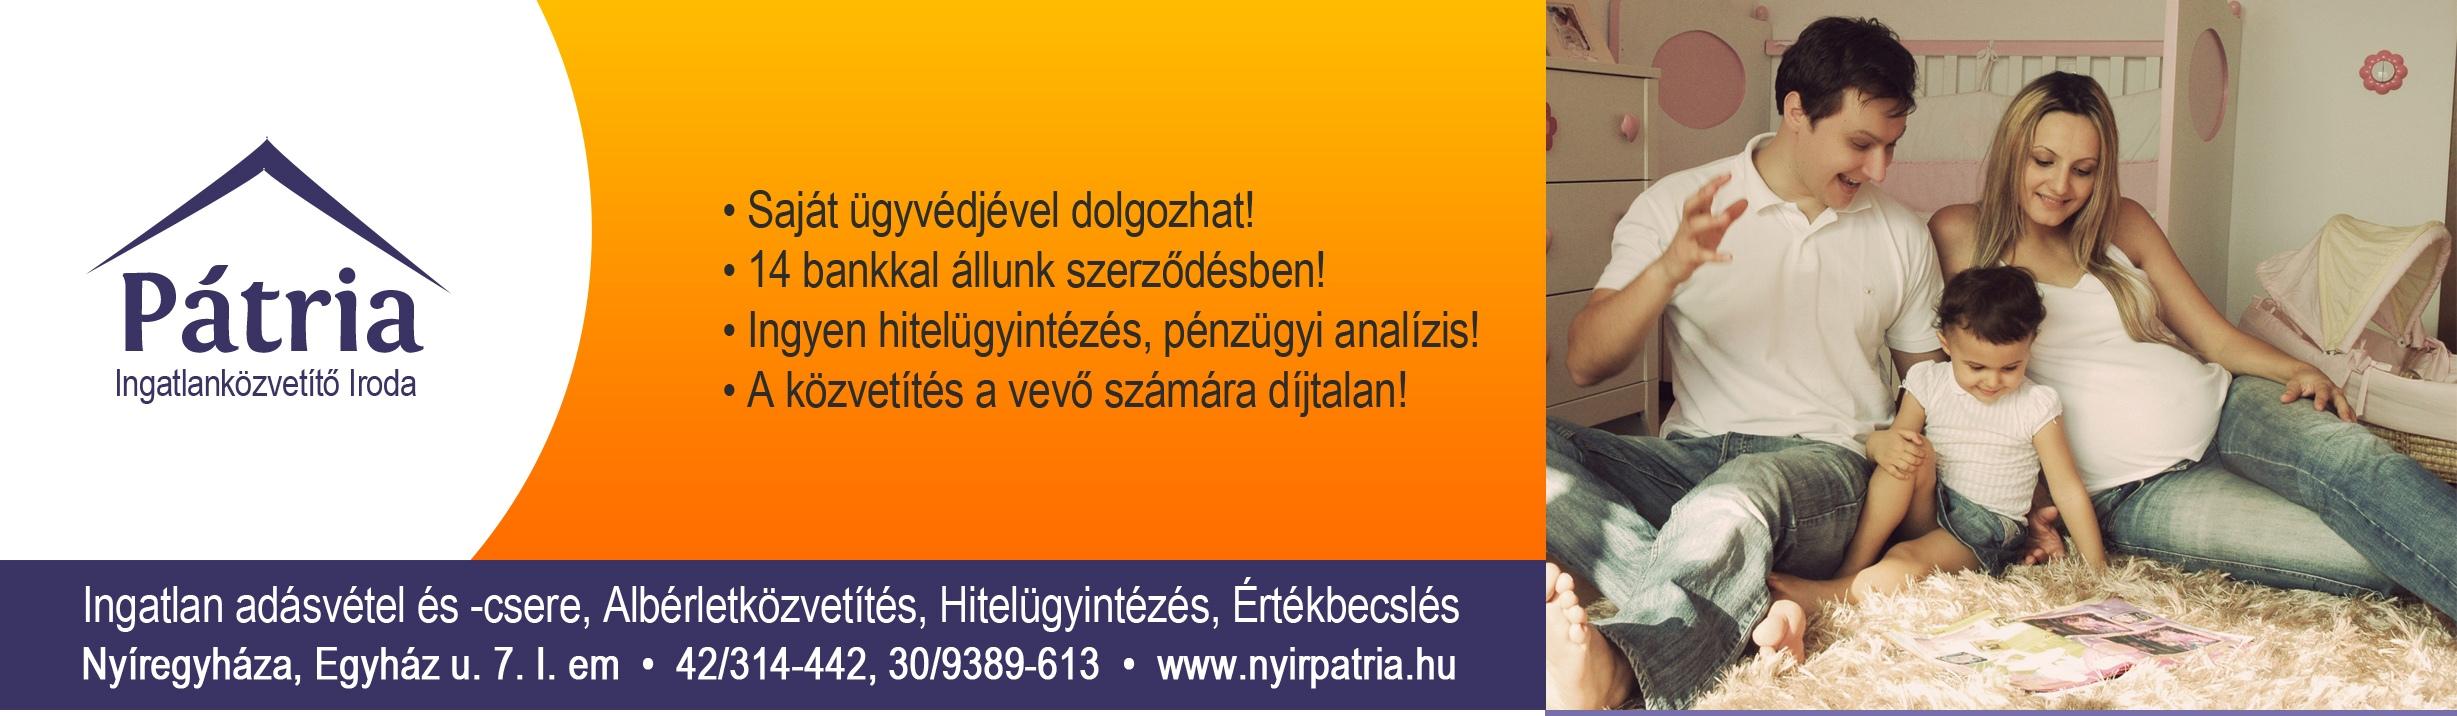 Pátria Ingatlanközvetítő és Hiteliroda